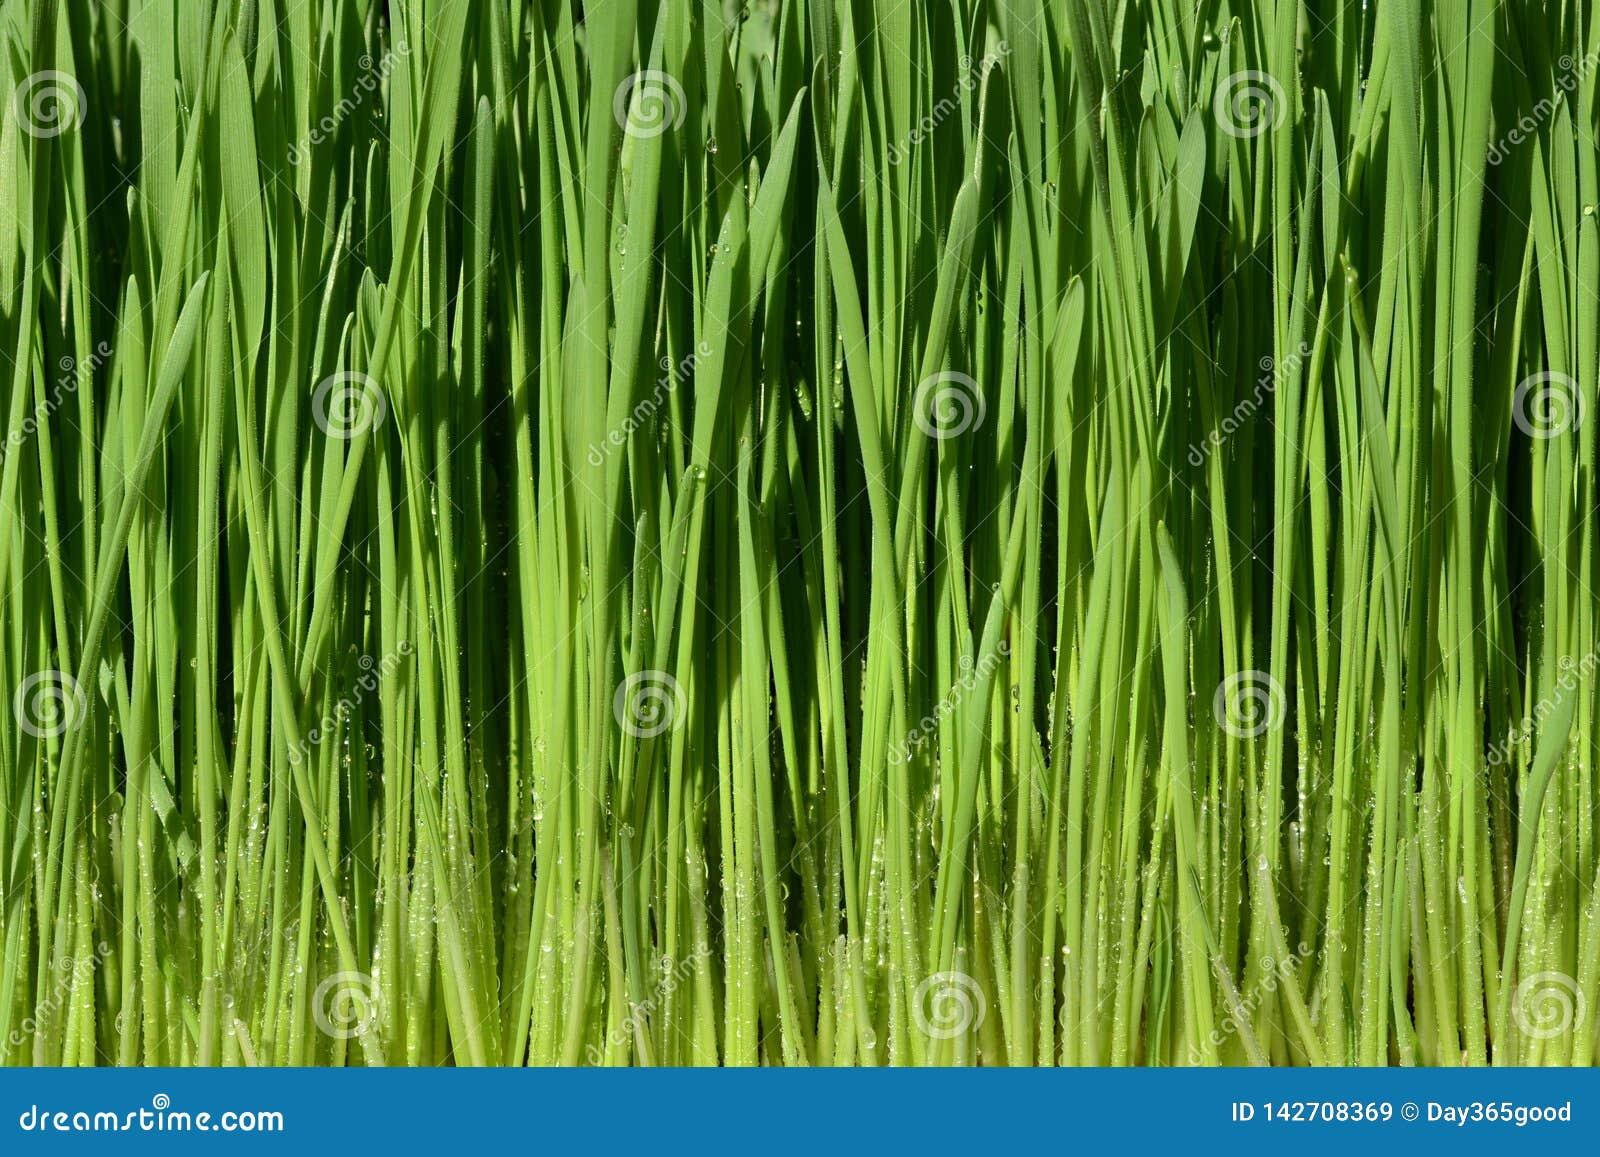 Grünes Weizengras mit Wassertropfen